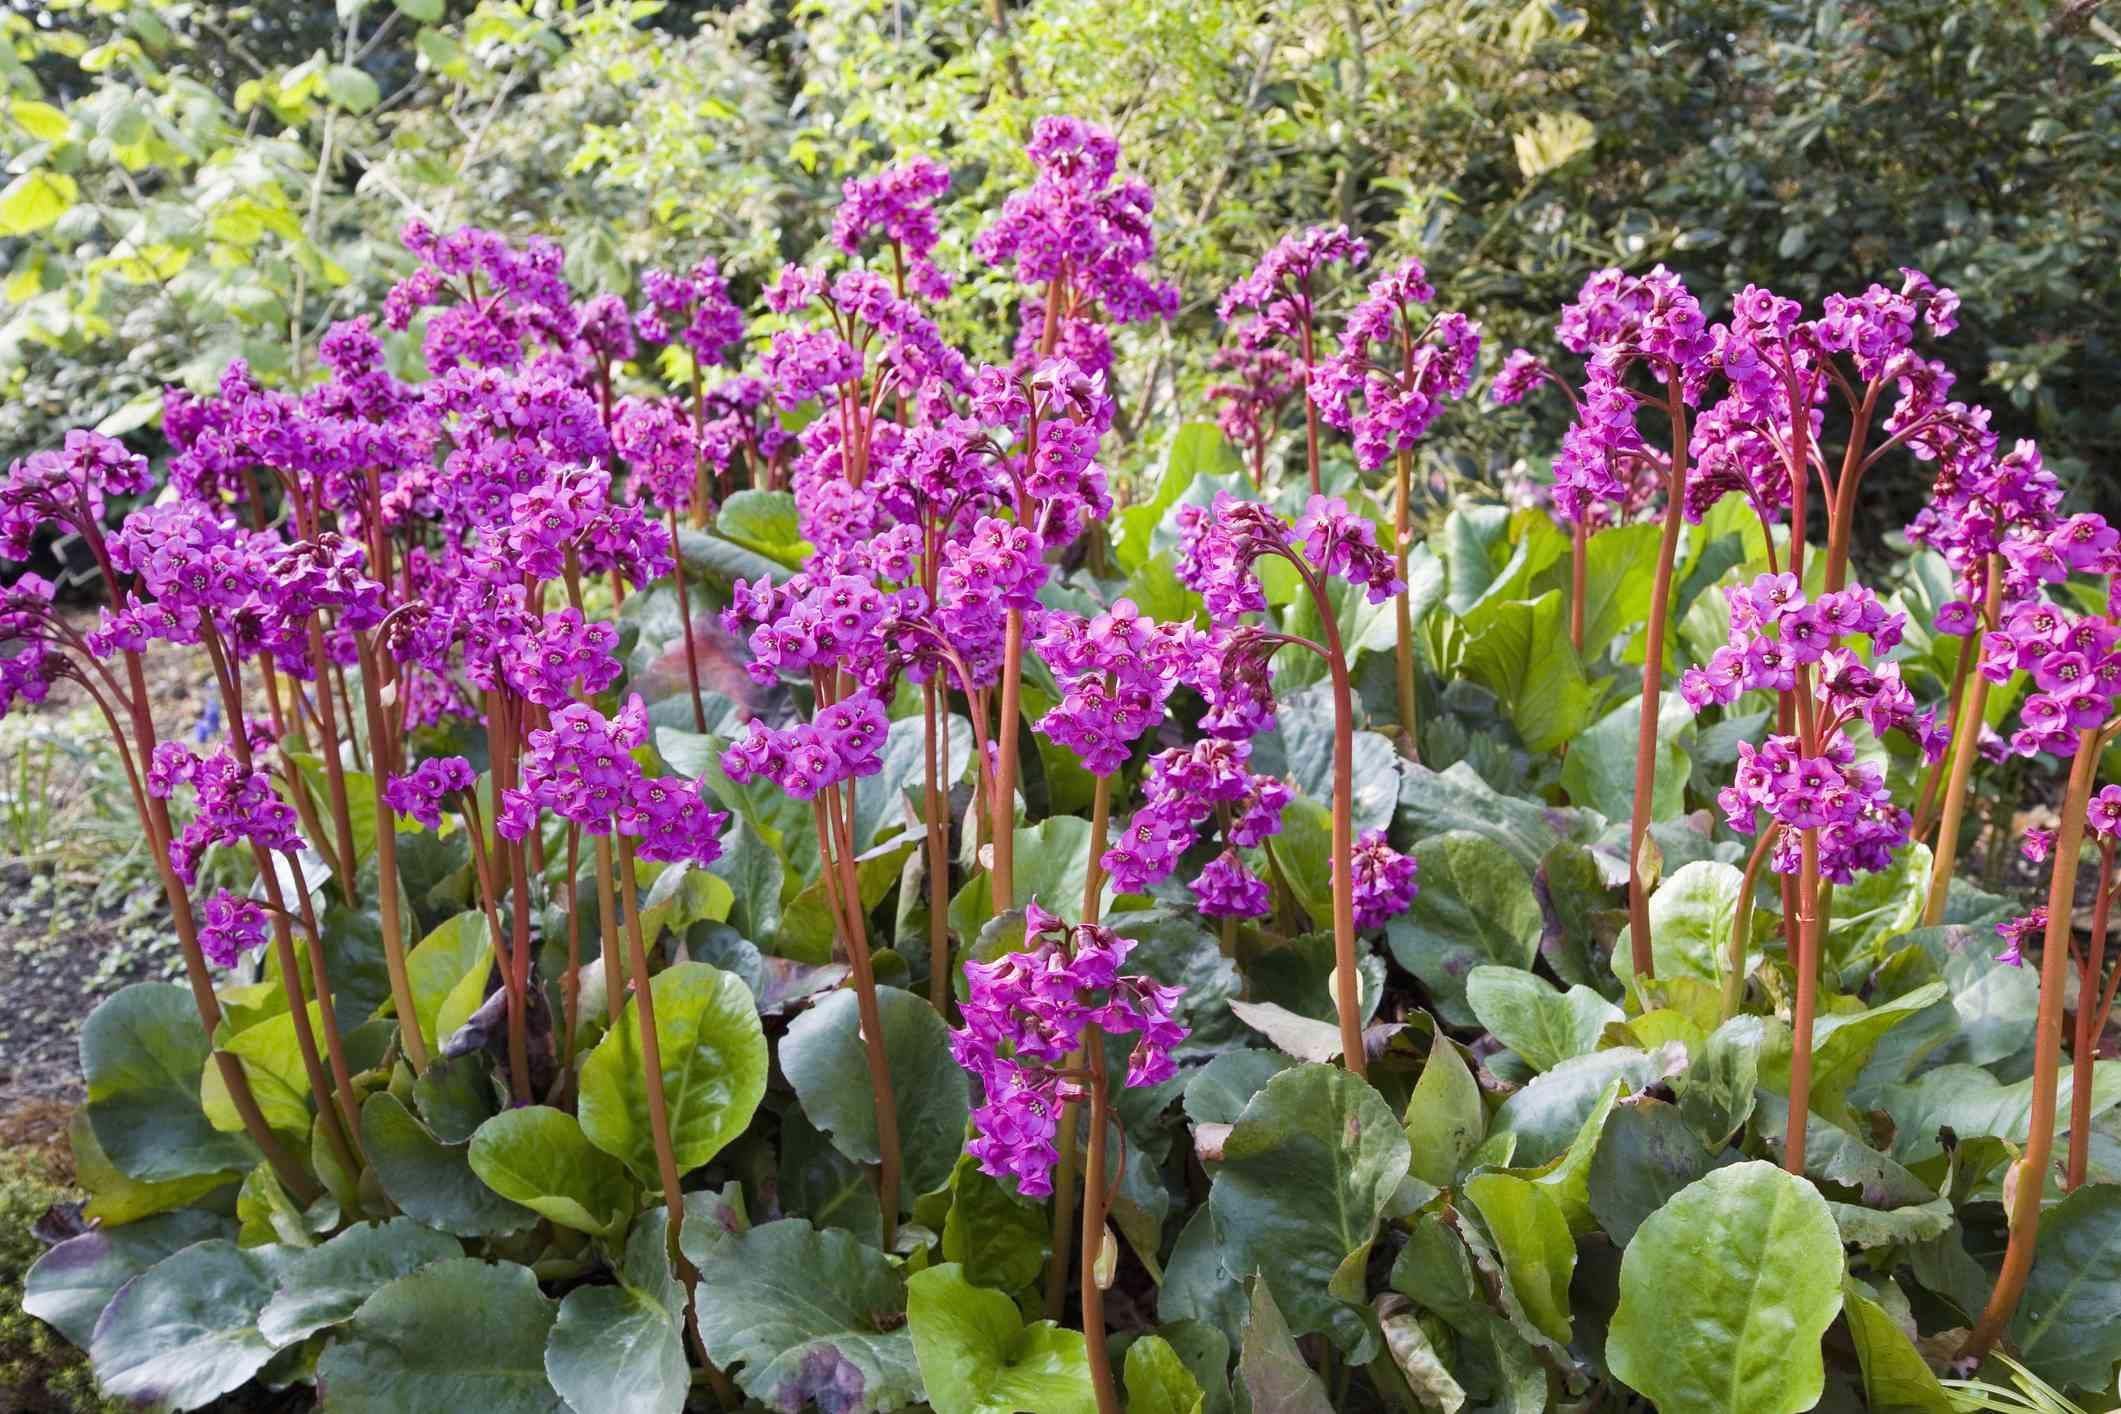 Bergenia plants blooming.